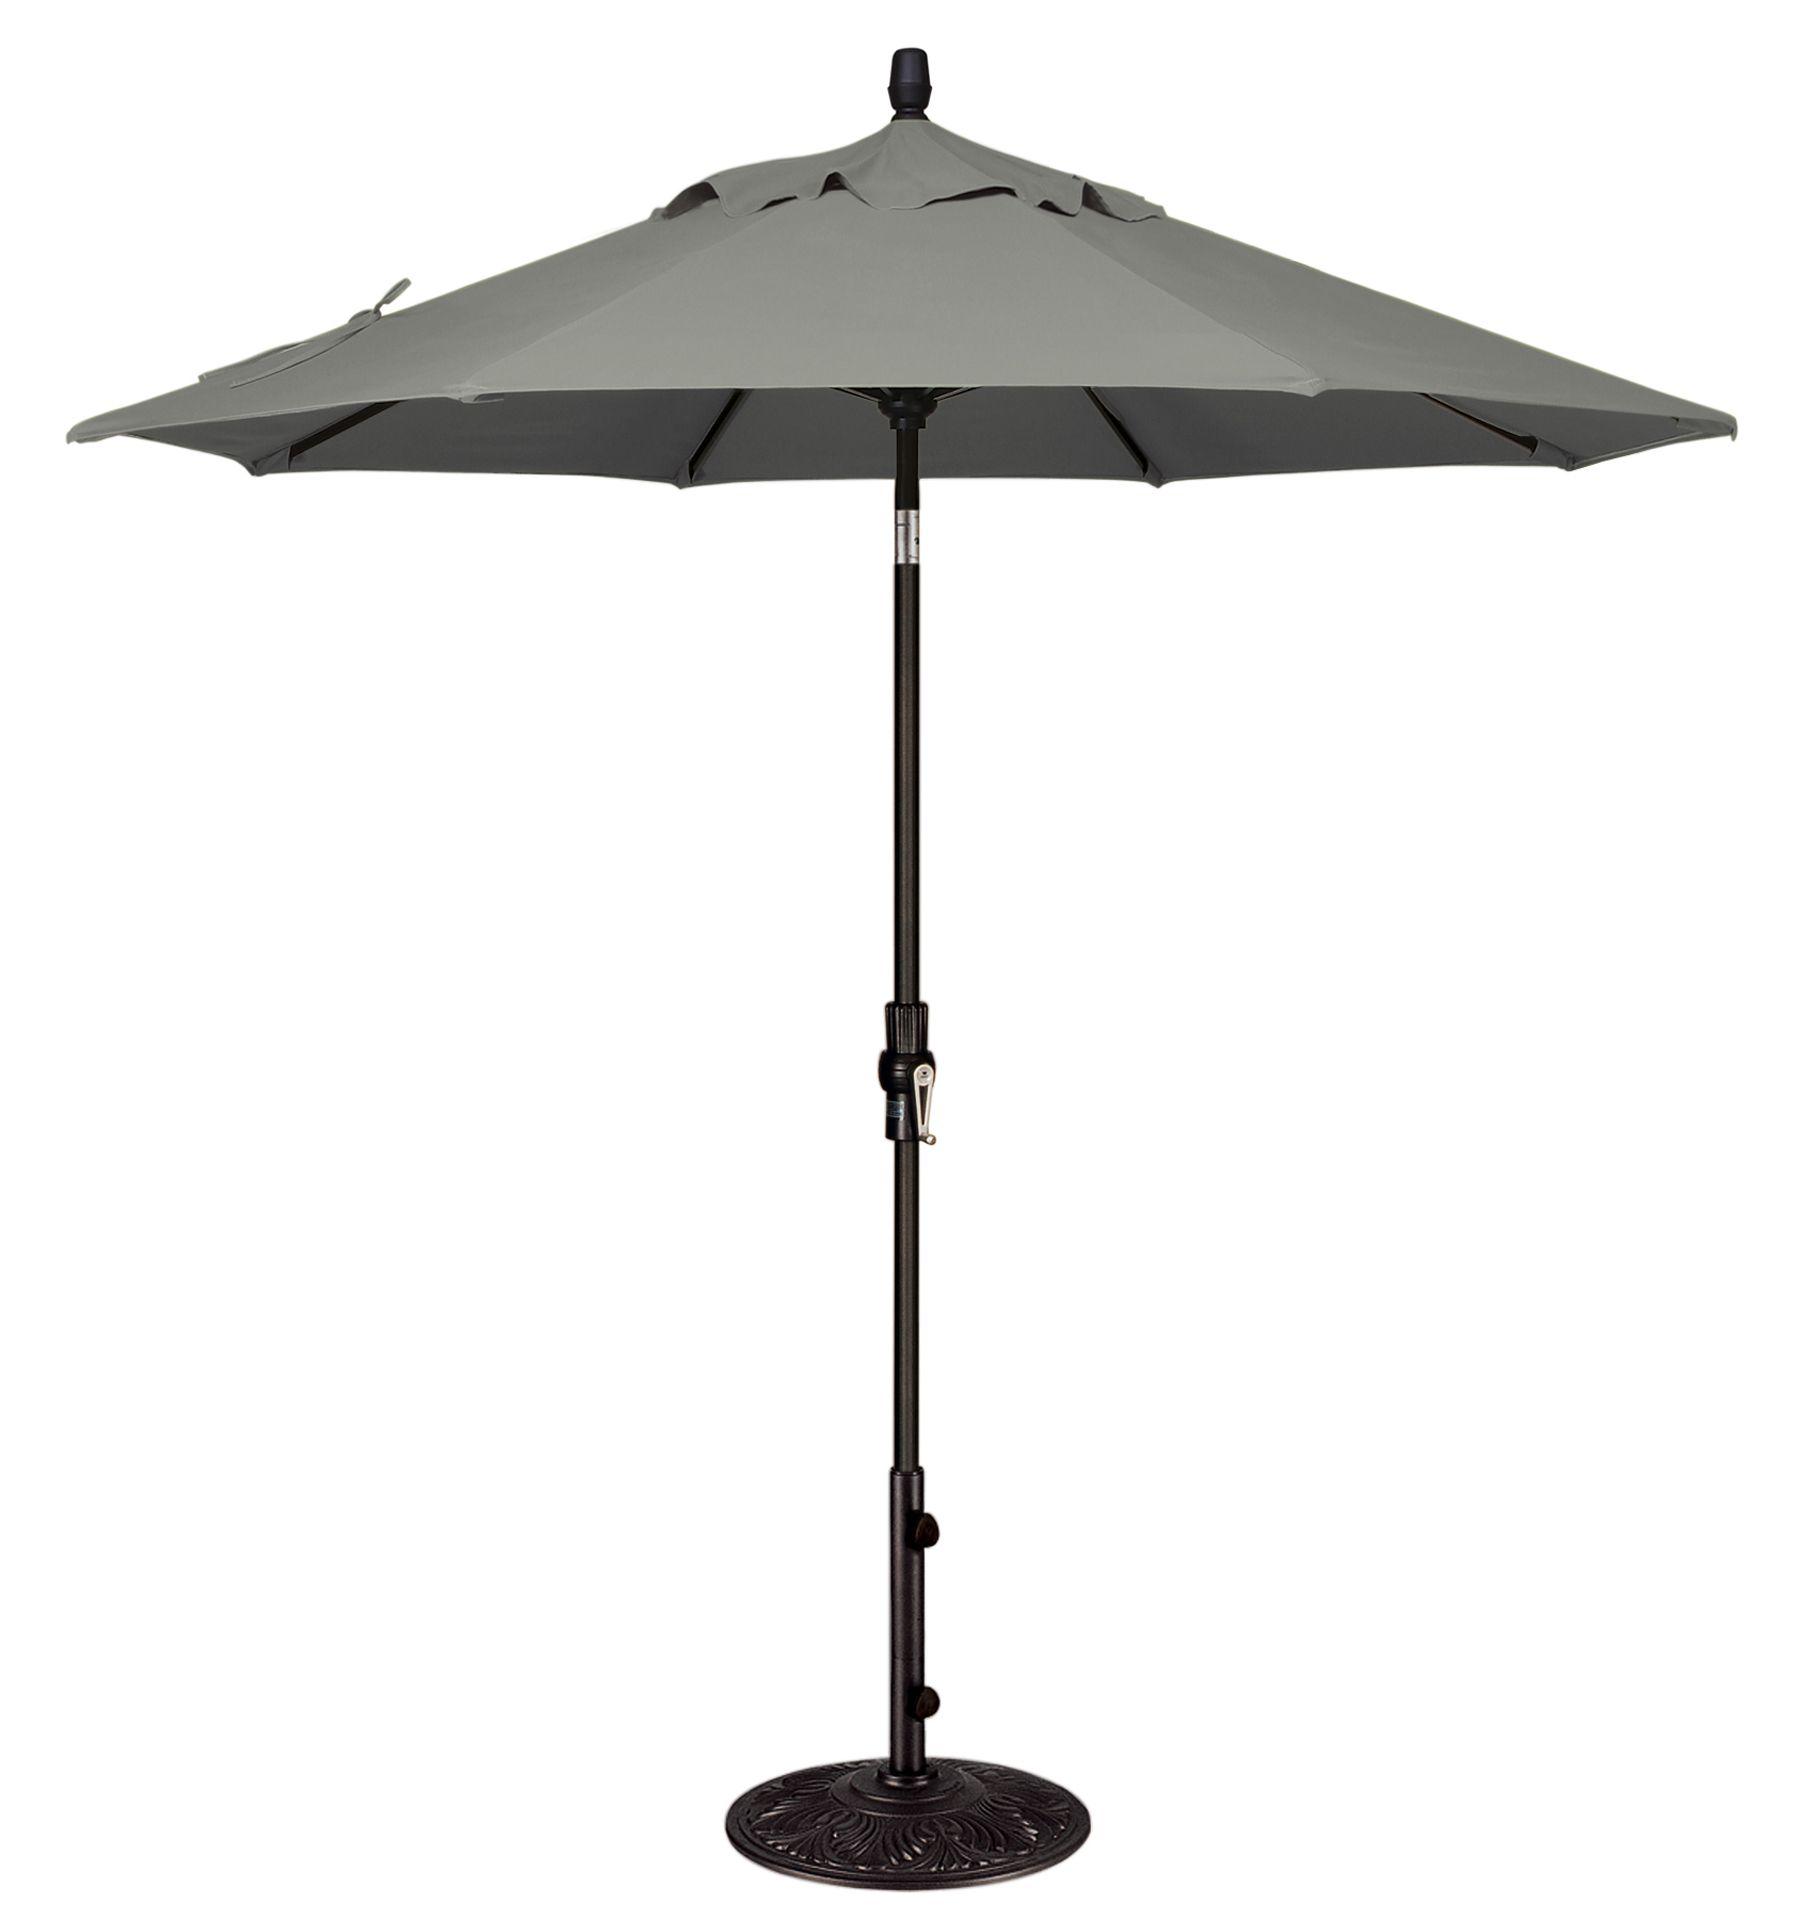 Um8079 7 5 Collar Tilt Umbrella By Treasure Garden Patio Umbrellas Outdoor Decor Patio